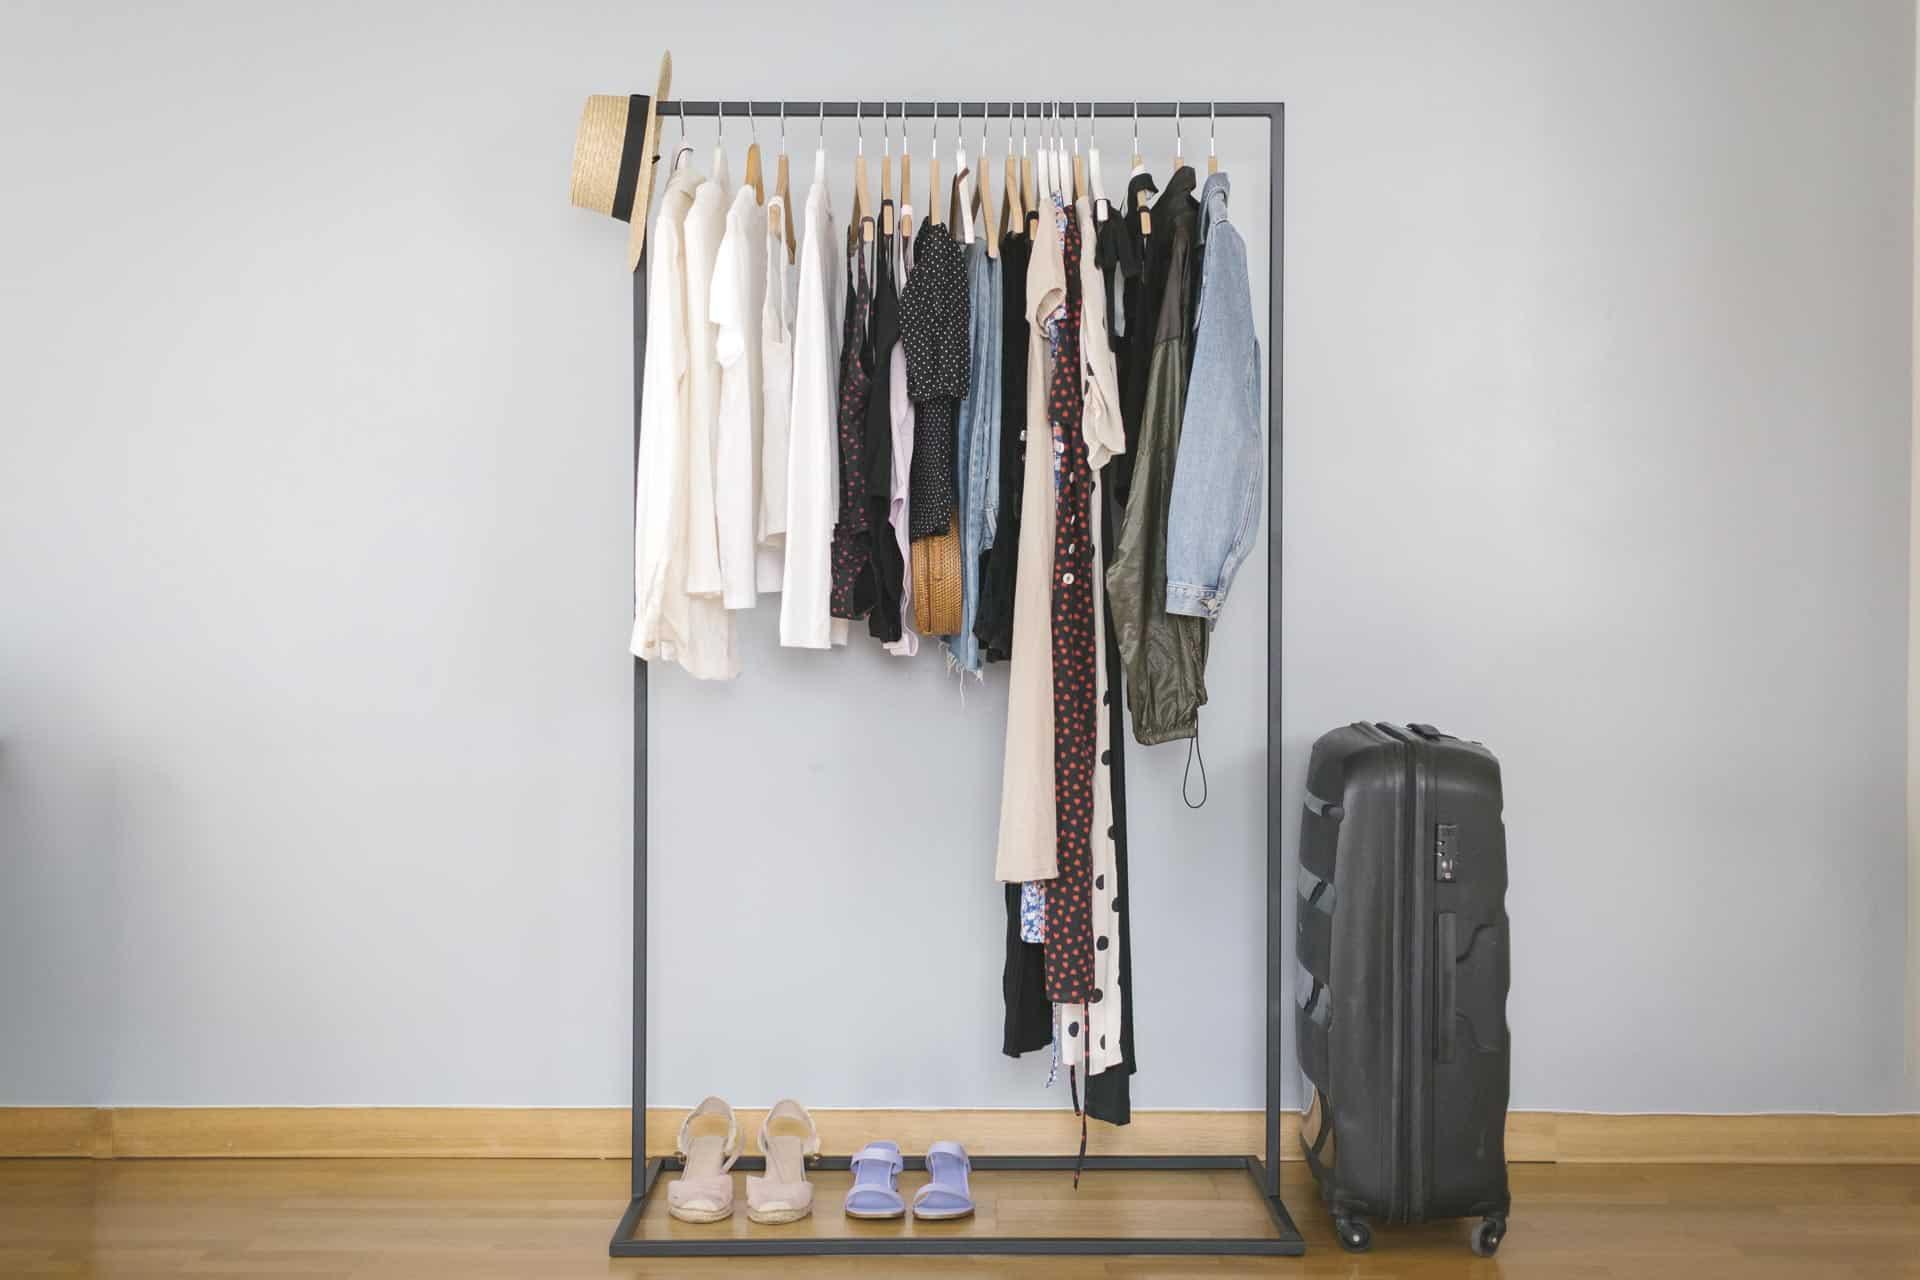 comment bien faire sa valise, bien préparer sa valise, comment préparer sa valise, comment faire ma valise , faire sa valise liste, que prendre dans sa valise, faire ses valises, faire une valise pour une semaine, organiser sa valise, preparer valise, faire les valises, faire sa valise, faire une valise, comment ne rien oublier dans sa valise, comment preparer sa valise, comment faire sa valise pour une semaine, que mettre dans la valise, comment faire sa valise pour deux semaines, faire sa valise pour les vacances, quoi prendre dans sa valise, liste pour faire une valise, faire valise, preparer sa valise, préparer sa valise, bien faire sa valise, faire sa valise pour une semaine, que mettre dans sa valise, valise pour 10 jours, liste pour préparer sa valise, faire sa valise pour 1 semaine, comment faire sa valise, comment faire une valise, preparer valise vacances, comment organiser sa valise, organiser valise , que mettre dans sa valise pour une semaine, faire ma valise, comment bien organiser sa valise, faire sa valise de voyage, bien organiser sa valise, valise pour 1 semaine, que mettre dans ma valise, valise pour une semaine, preparer valise avion, que mettre dans une valise, ne rien oublier dans sa valise , vacances valise, valise faite, liste de chose a prendre dans sa valise, que mettre dans sa valise pour 15 jours de vacances, que mettre dans sa valise pour une semaine au soleil , que mettre dans sa valise pour 3 semaines , quoi emmener dans sa valise, valise de vacances, valise une semaine, valise vacances ete, voyage valise, liste pour faire sa valise, faire sa valise pour 3 semaines, ne rien oublier dans sa valise liste, preparer une valise, quoi mettre dans sa valise, valise pour les vacances, comment organiser une valise, valise 2 semaines, valise pour vacances, valise vacances soleil, ranger sa valise, liste de valise, liste pour valise, liste de vetement pour partir en vacances